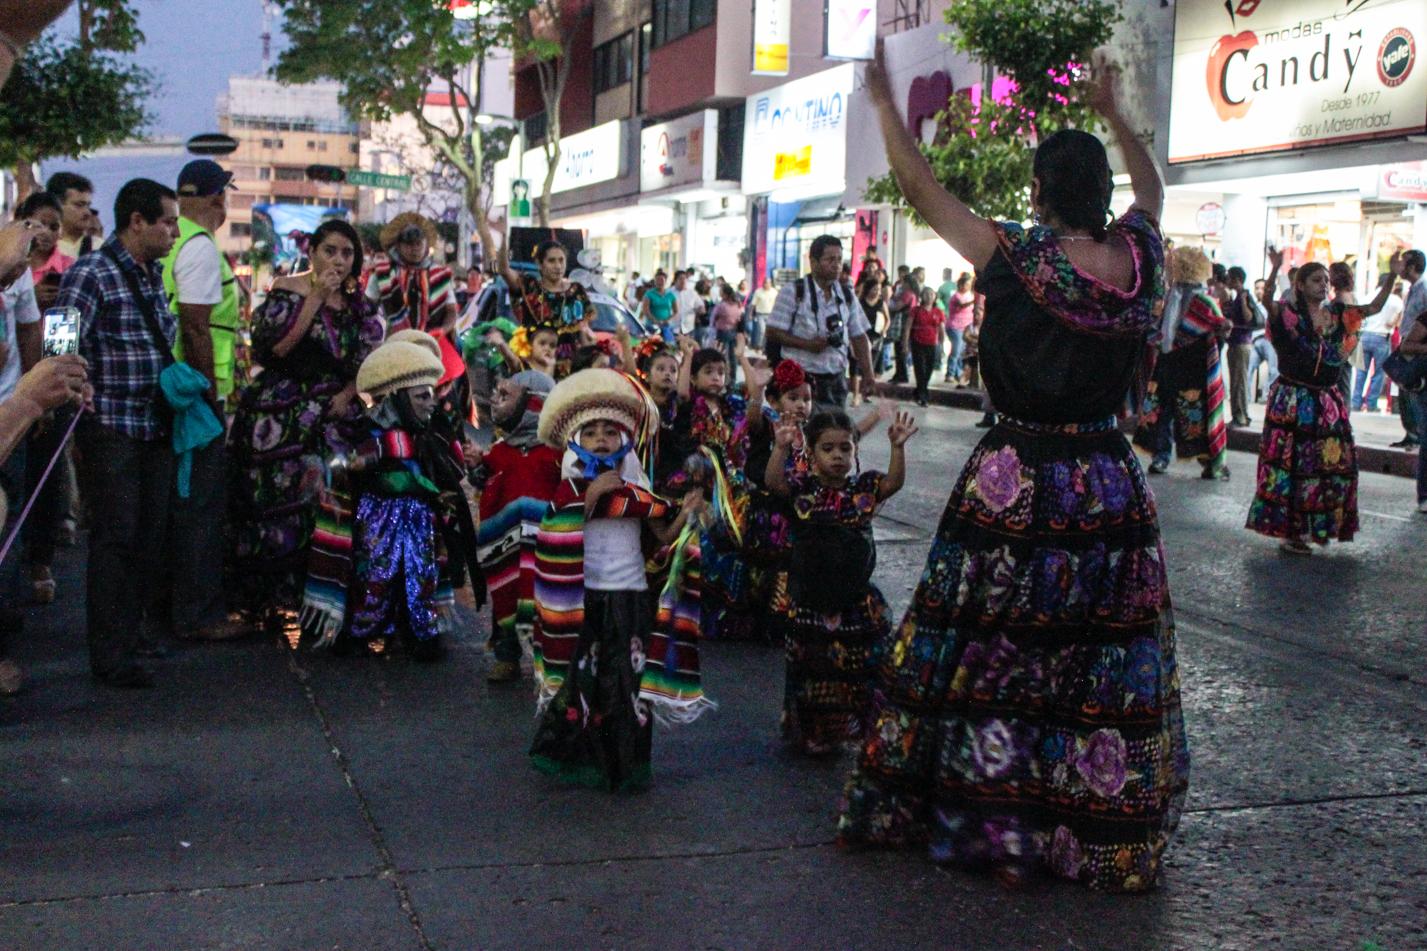 Es wurde die Kultur mit Trachten und Bräuchen der Indigenas gelebt